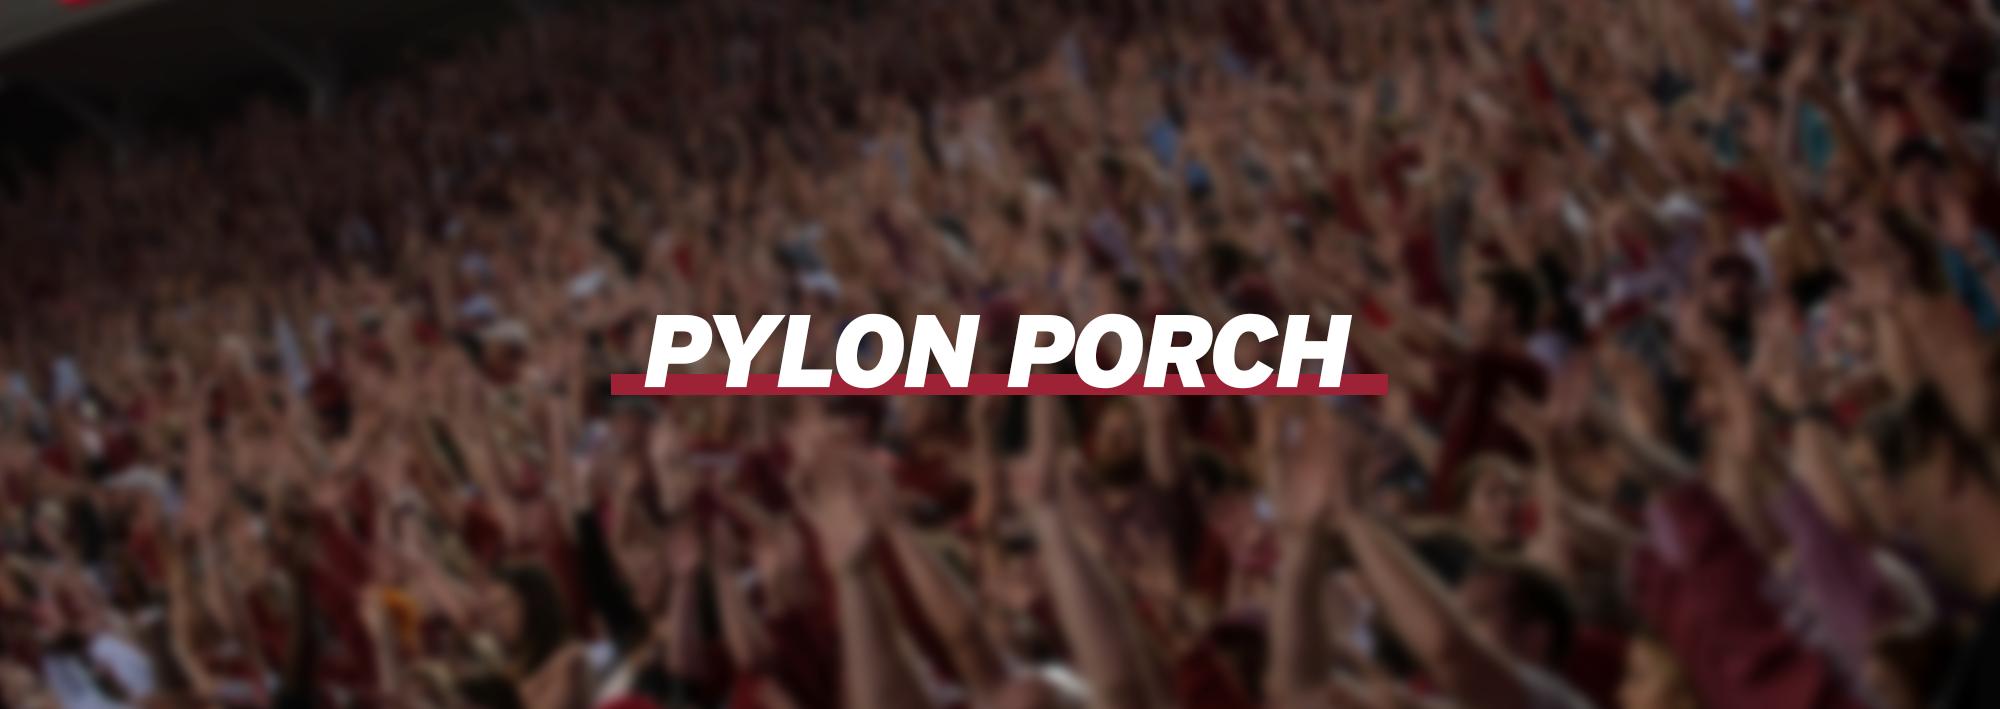 Pylon Porch